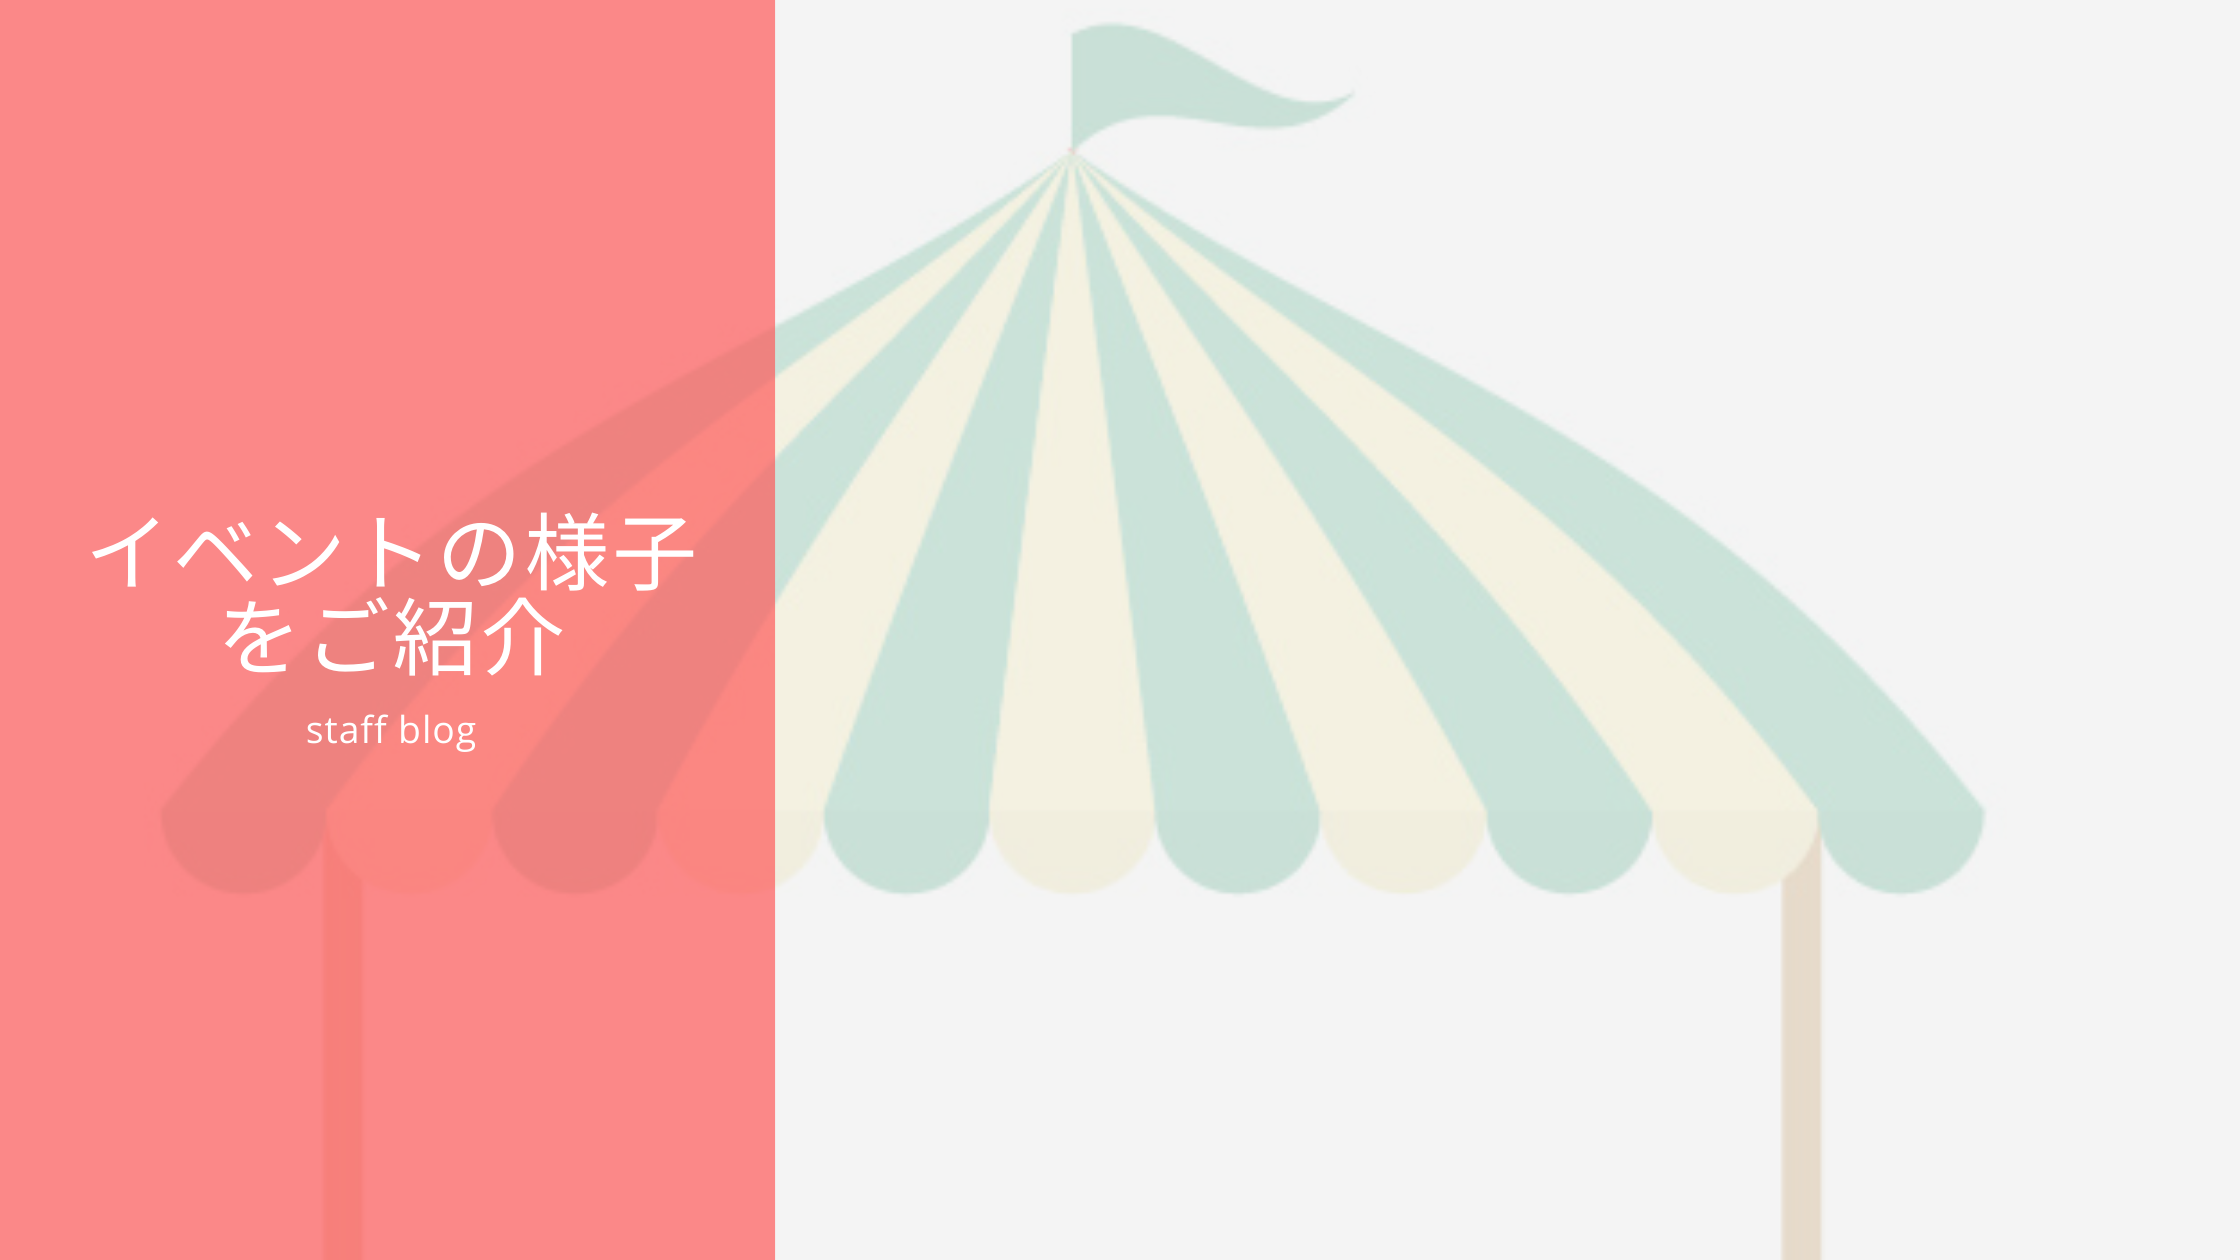 8/27(金)ツキイチマルシェ イベントの様子